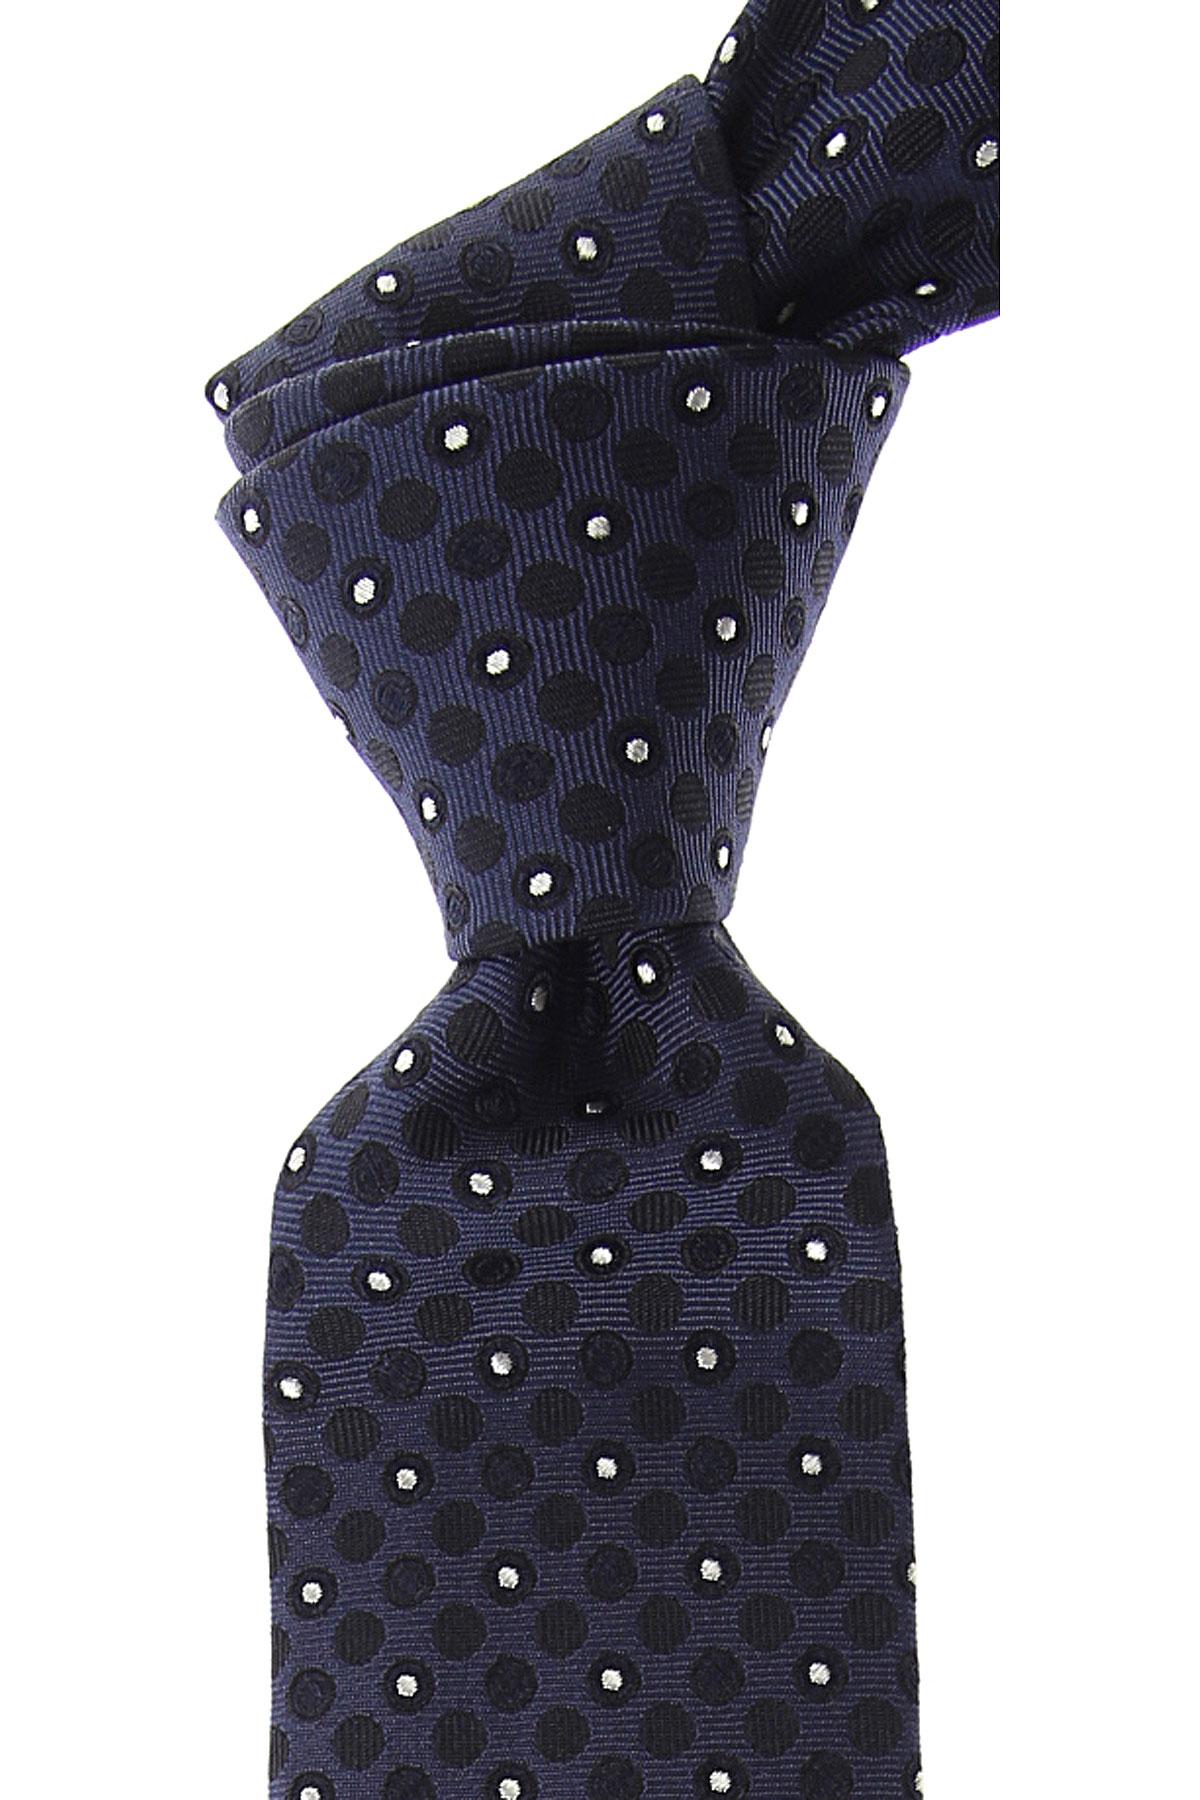 Valentino Cravates Pas cher en Soldes, Bleu nuit, Soie, 2019